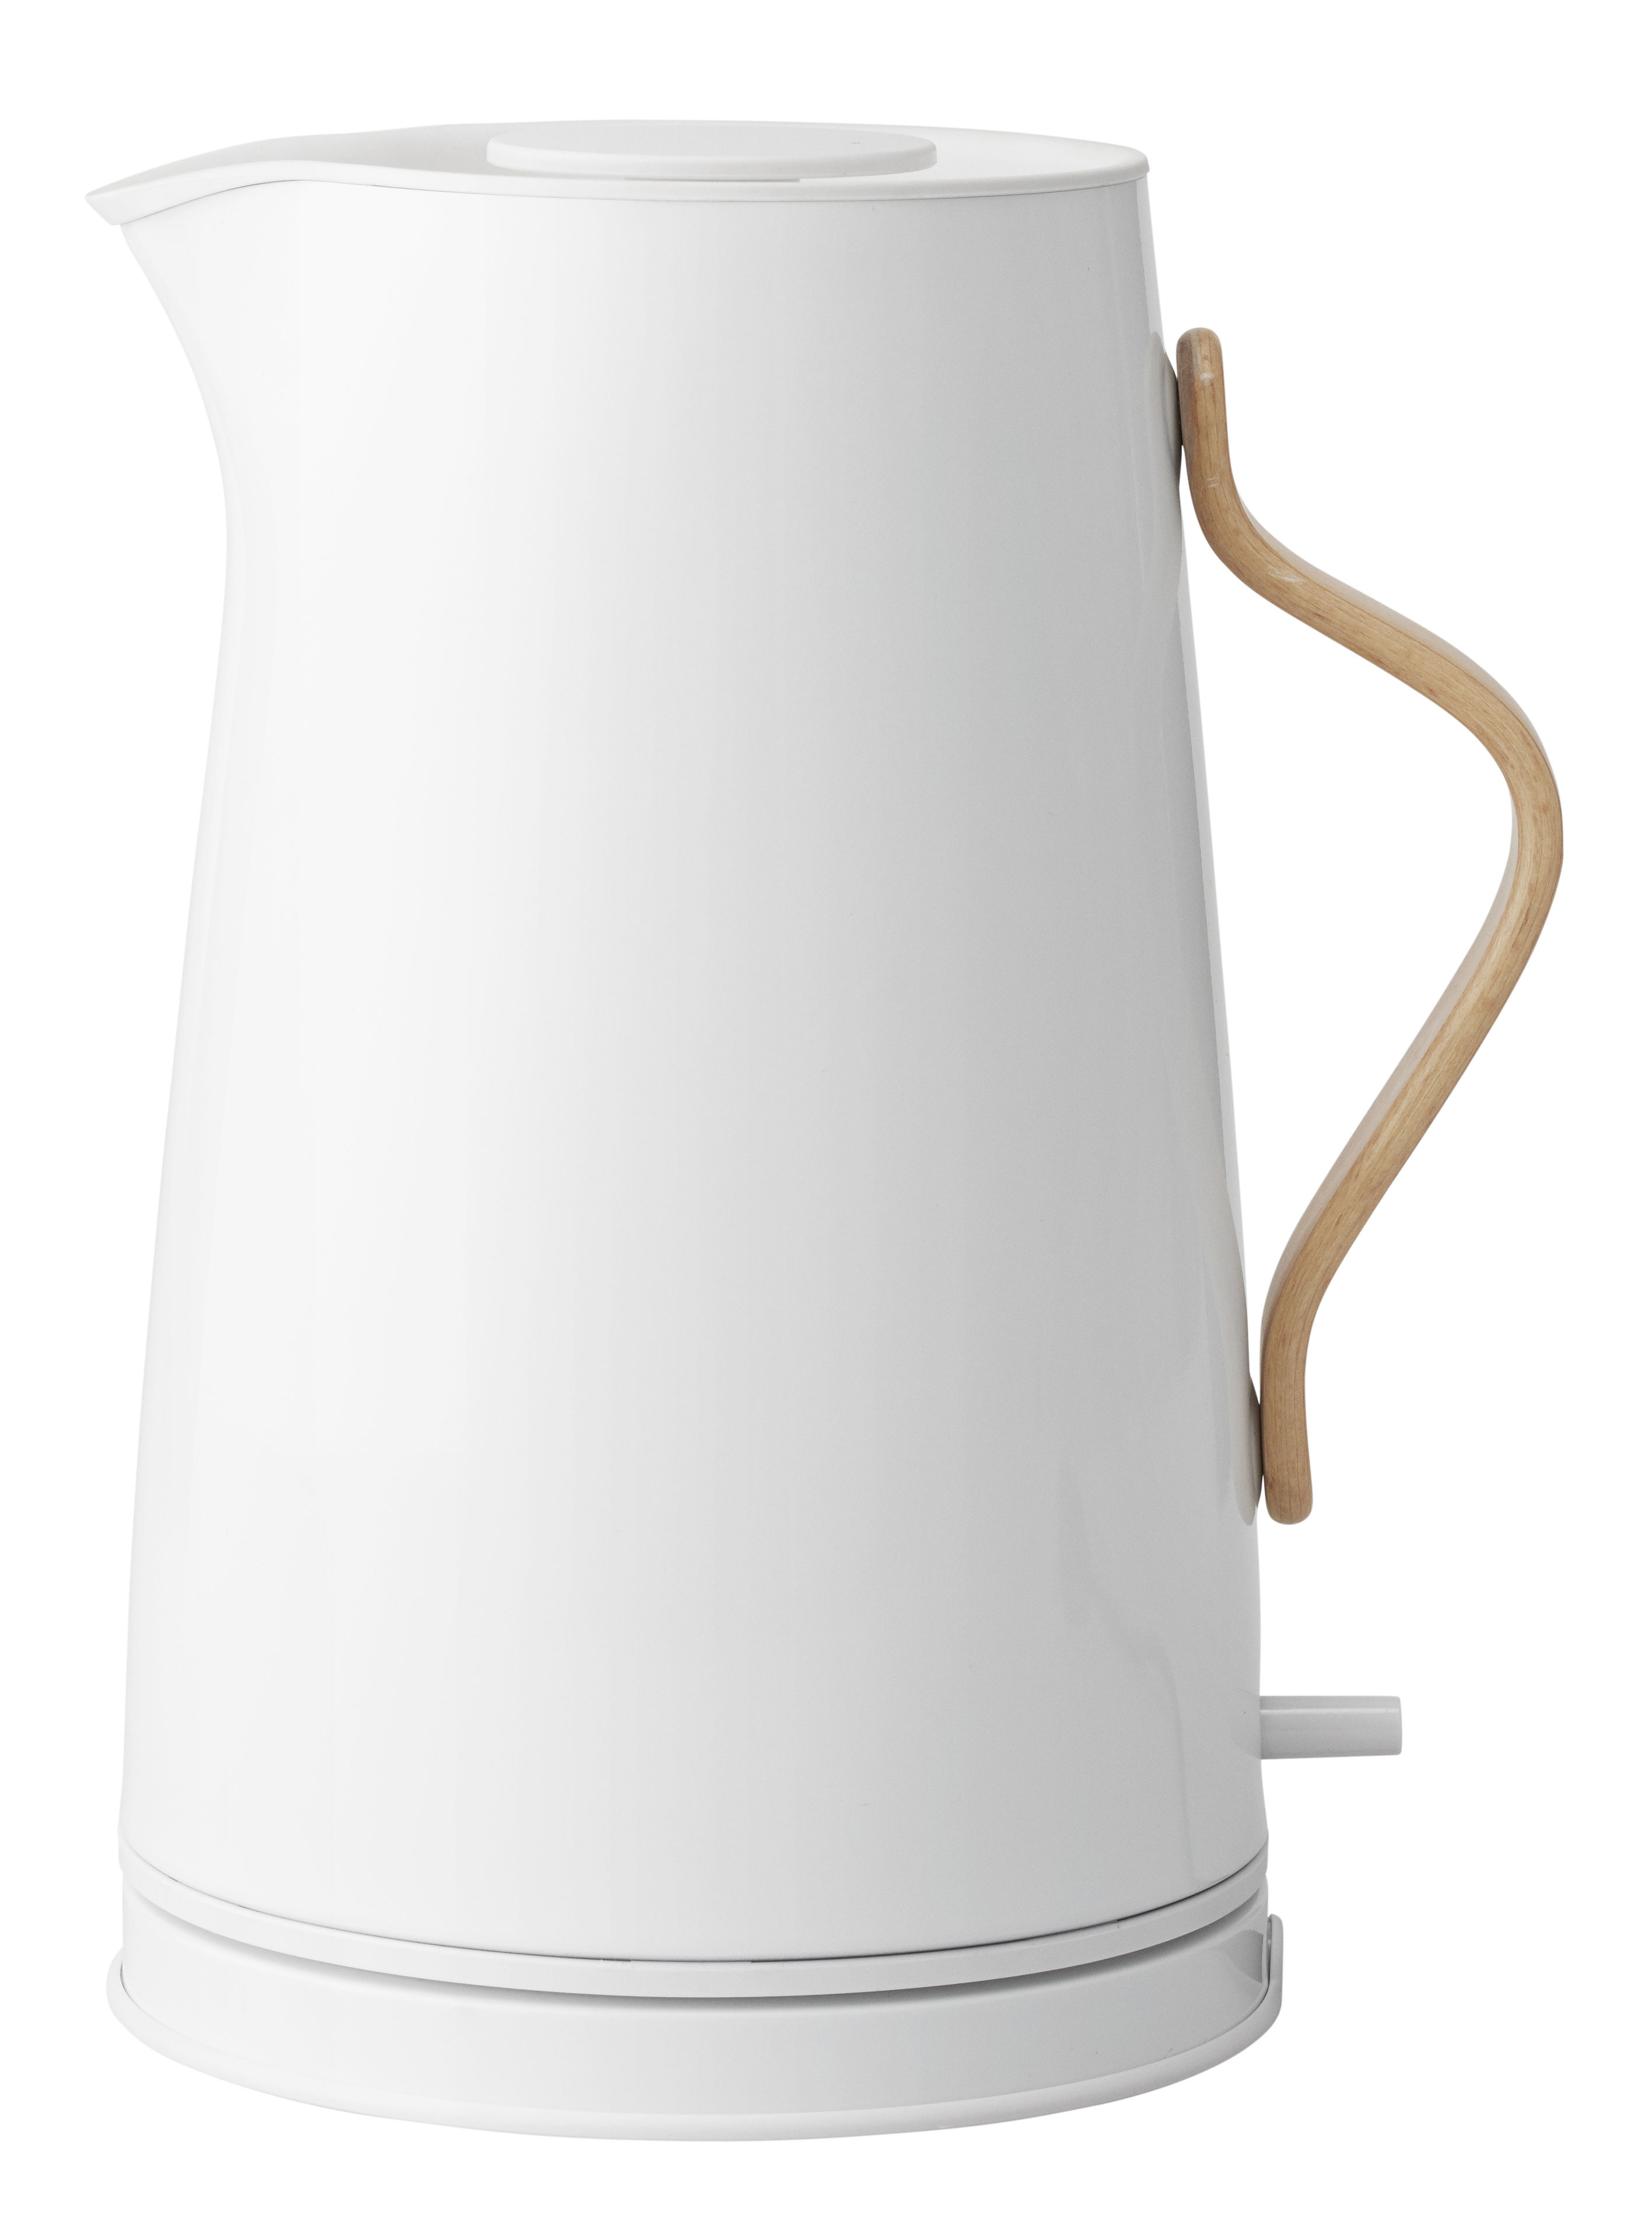 Küche - Elektrogeräte - Emma Wasserkocher / 1,2 l - Stelton - Weiß & holzfarben - Buchenfurnier, rostfreier lackierter Stahl